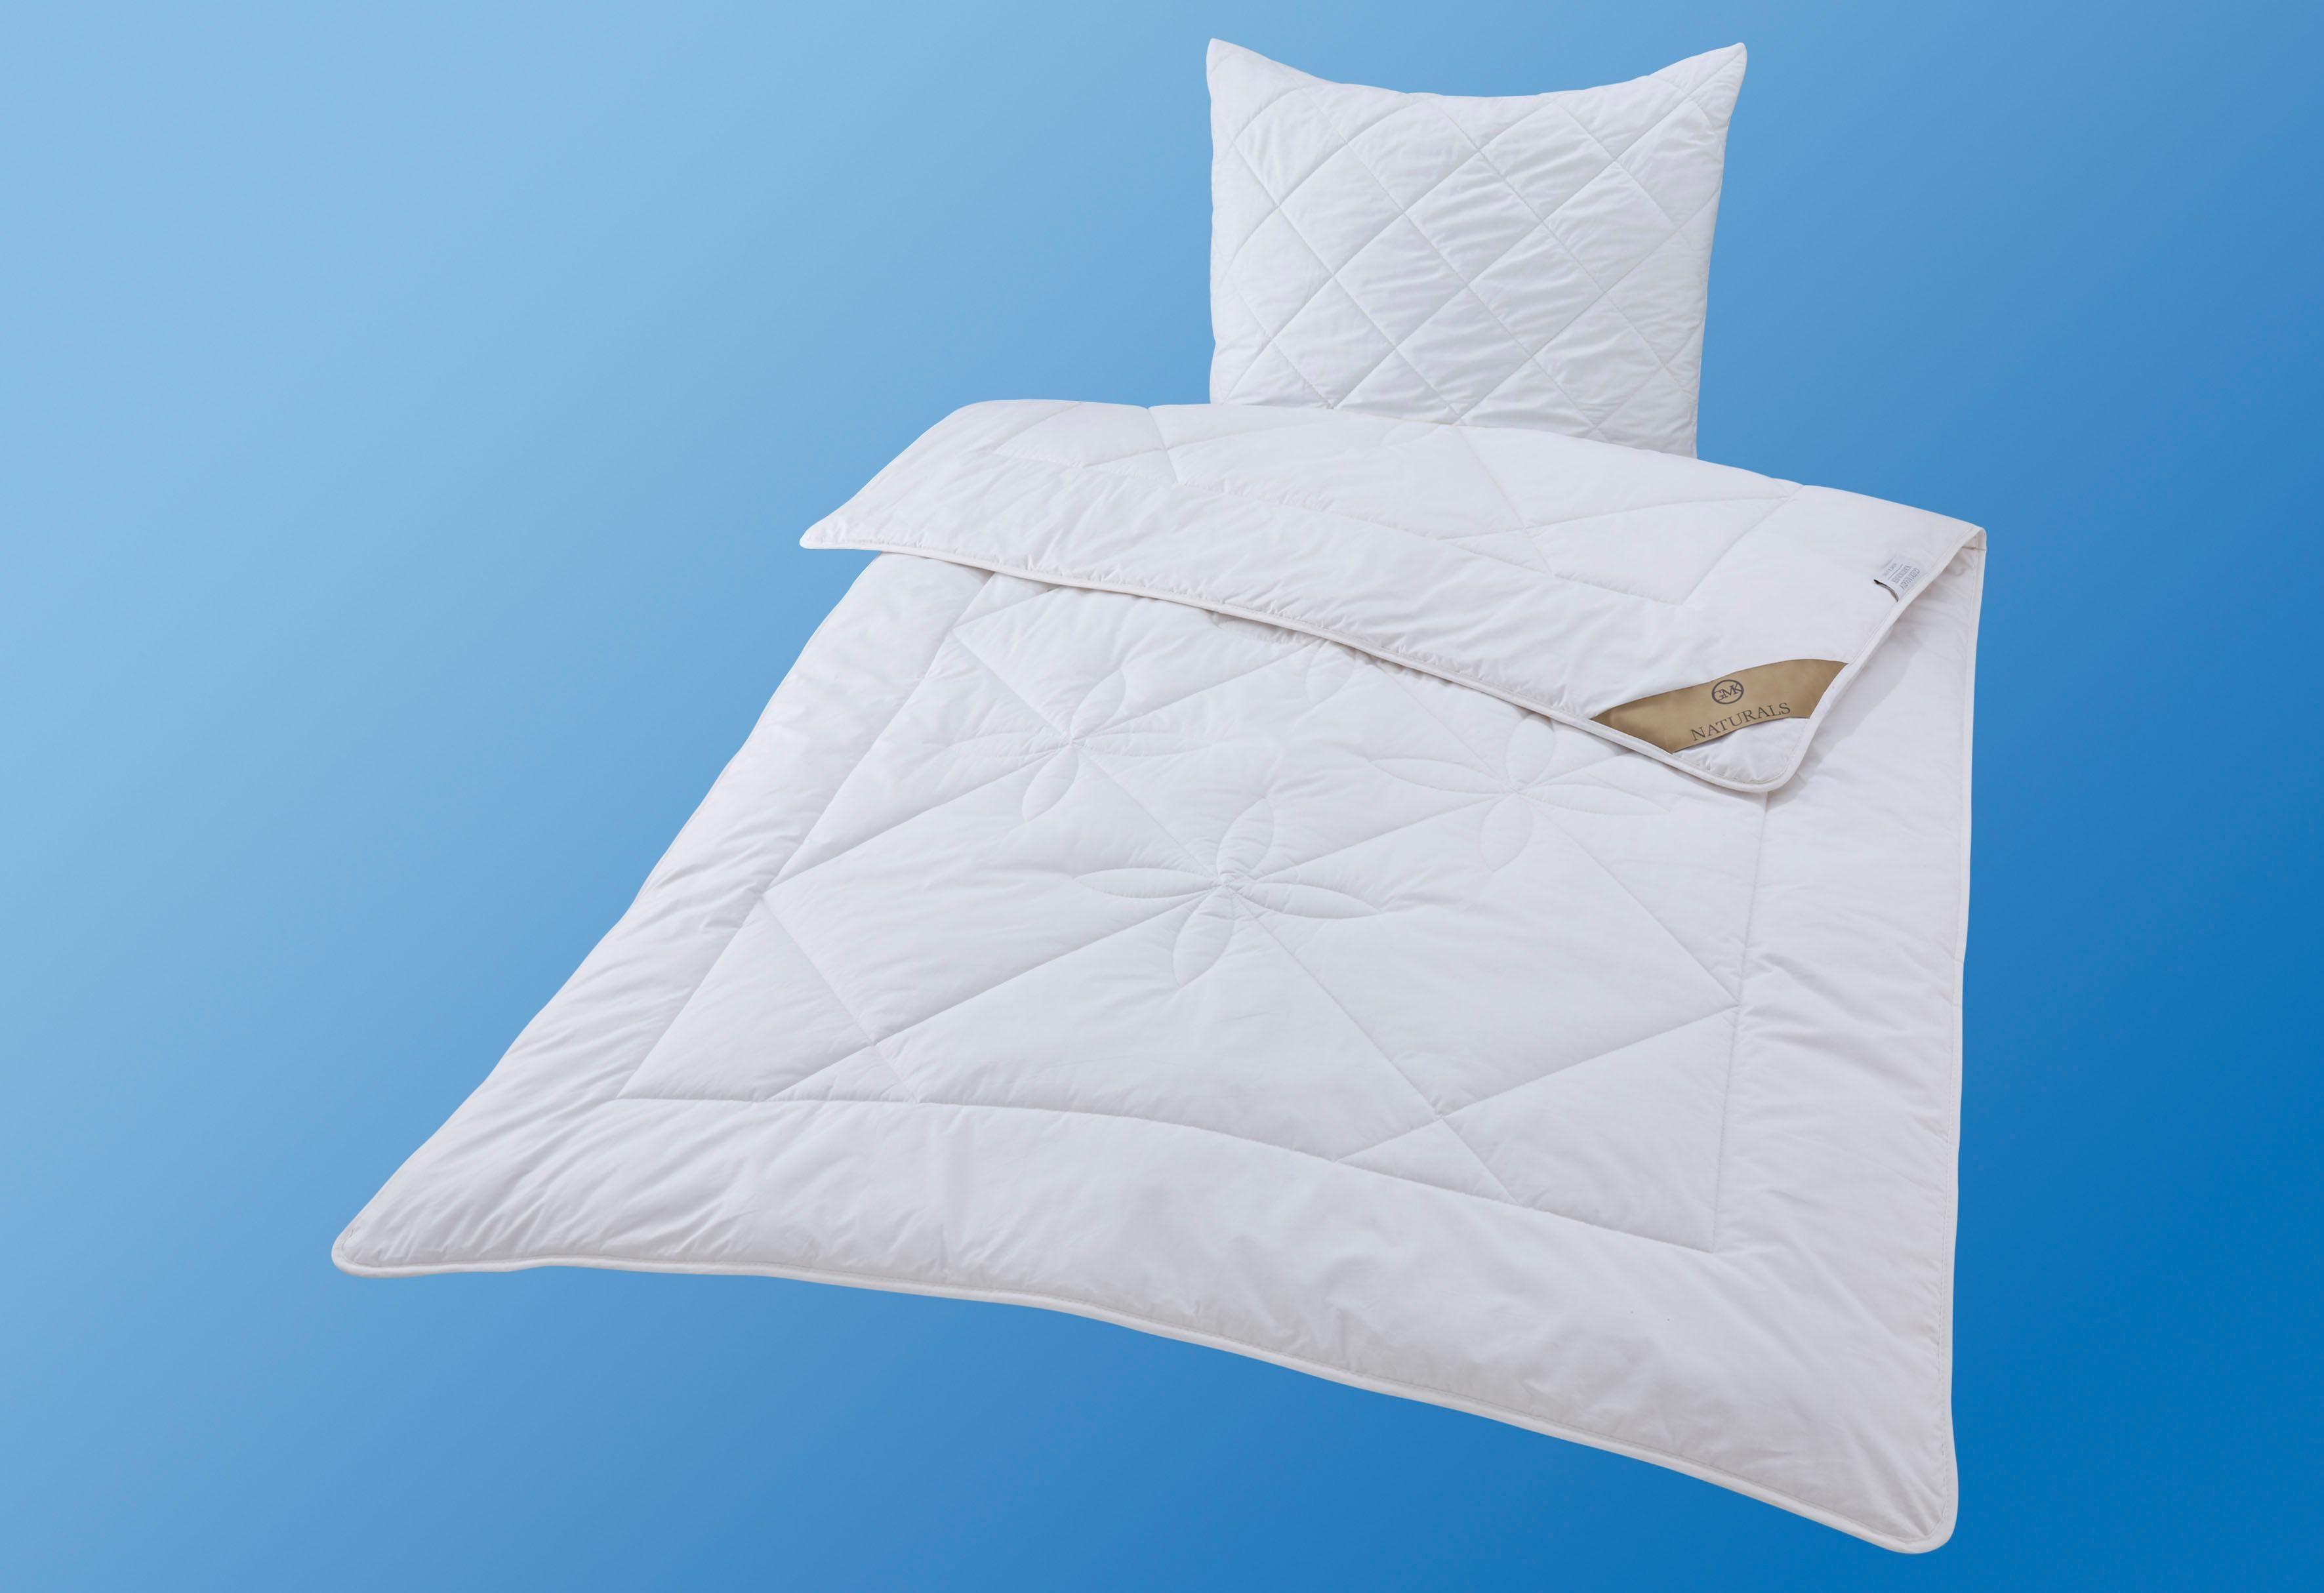 Bettdeckenset, »GMK Schurwolle«, GMK Home & Living, Schurwolle, Leicht - von Guido Maria Kretschmer empfohlen, natürliches Bettklima